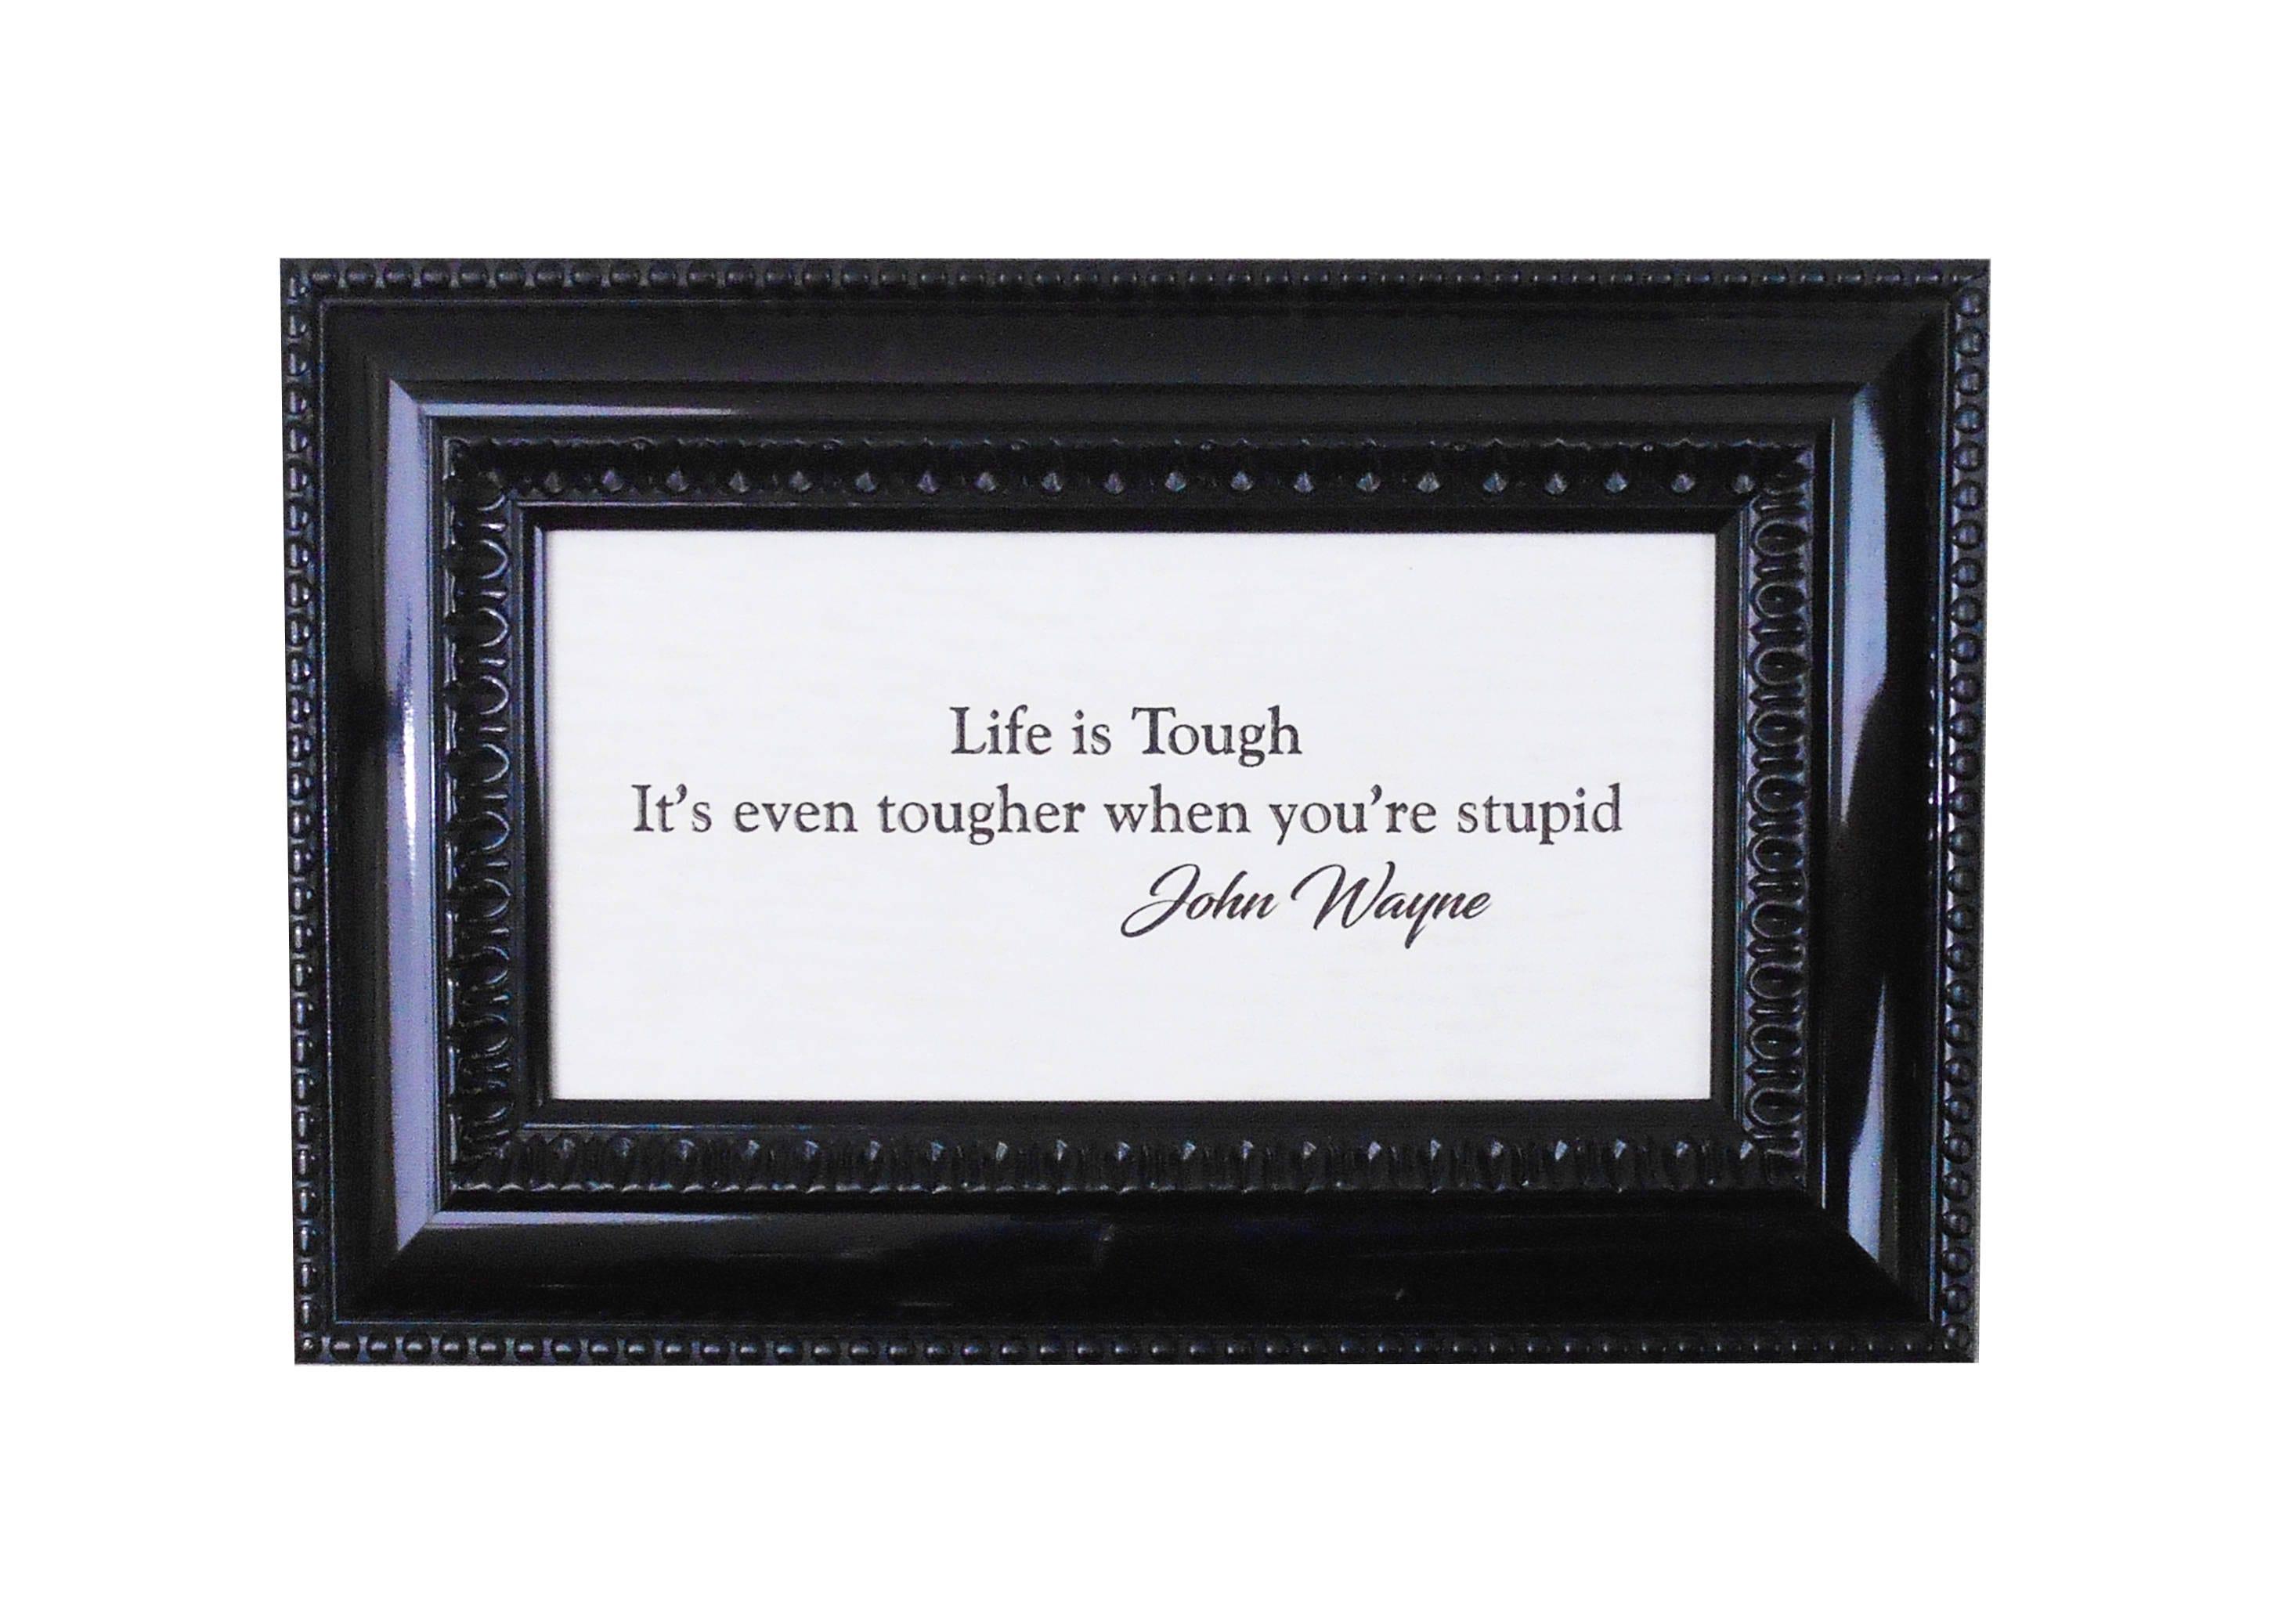 John Wayne Quote Life Is Hard John Waynechristmas Giftthe Duke Life Is Toughgift For